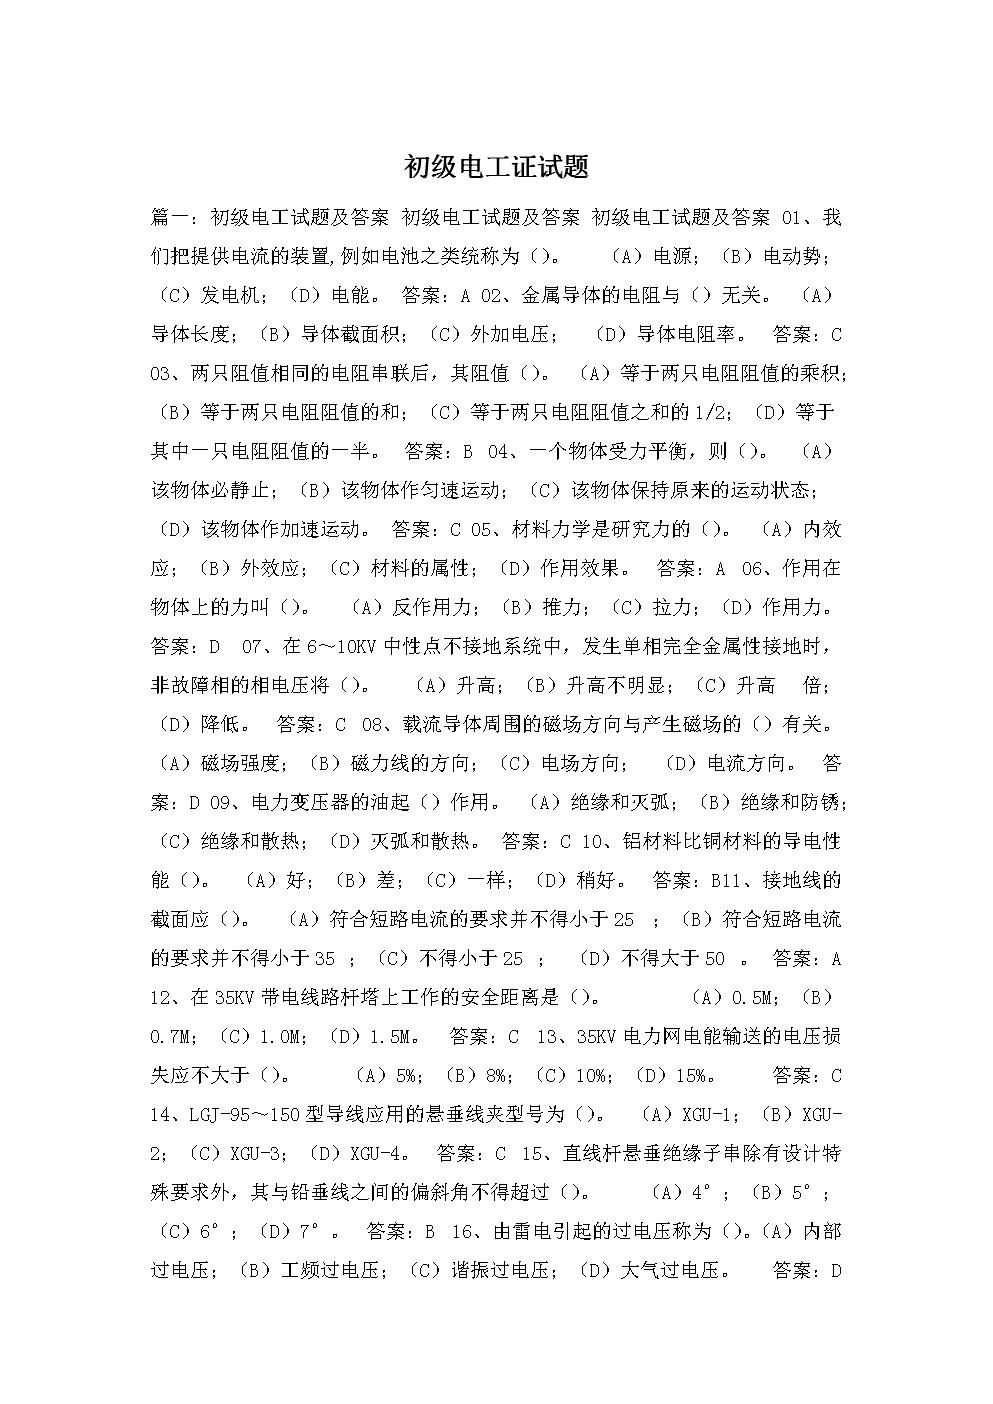 初级电工证试题.doc